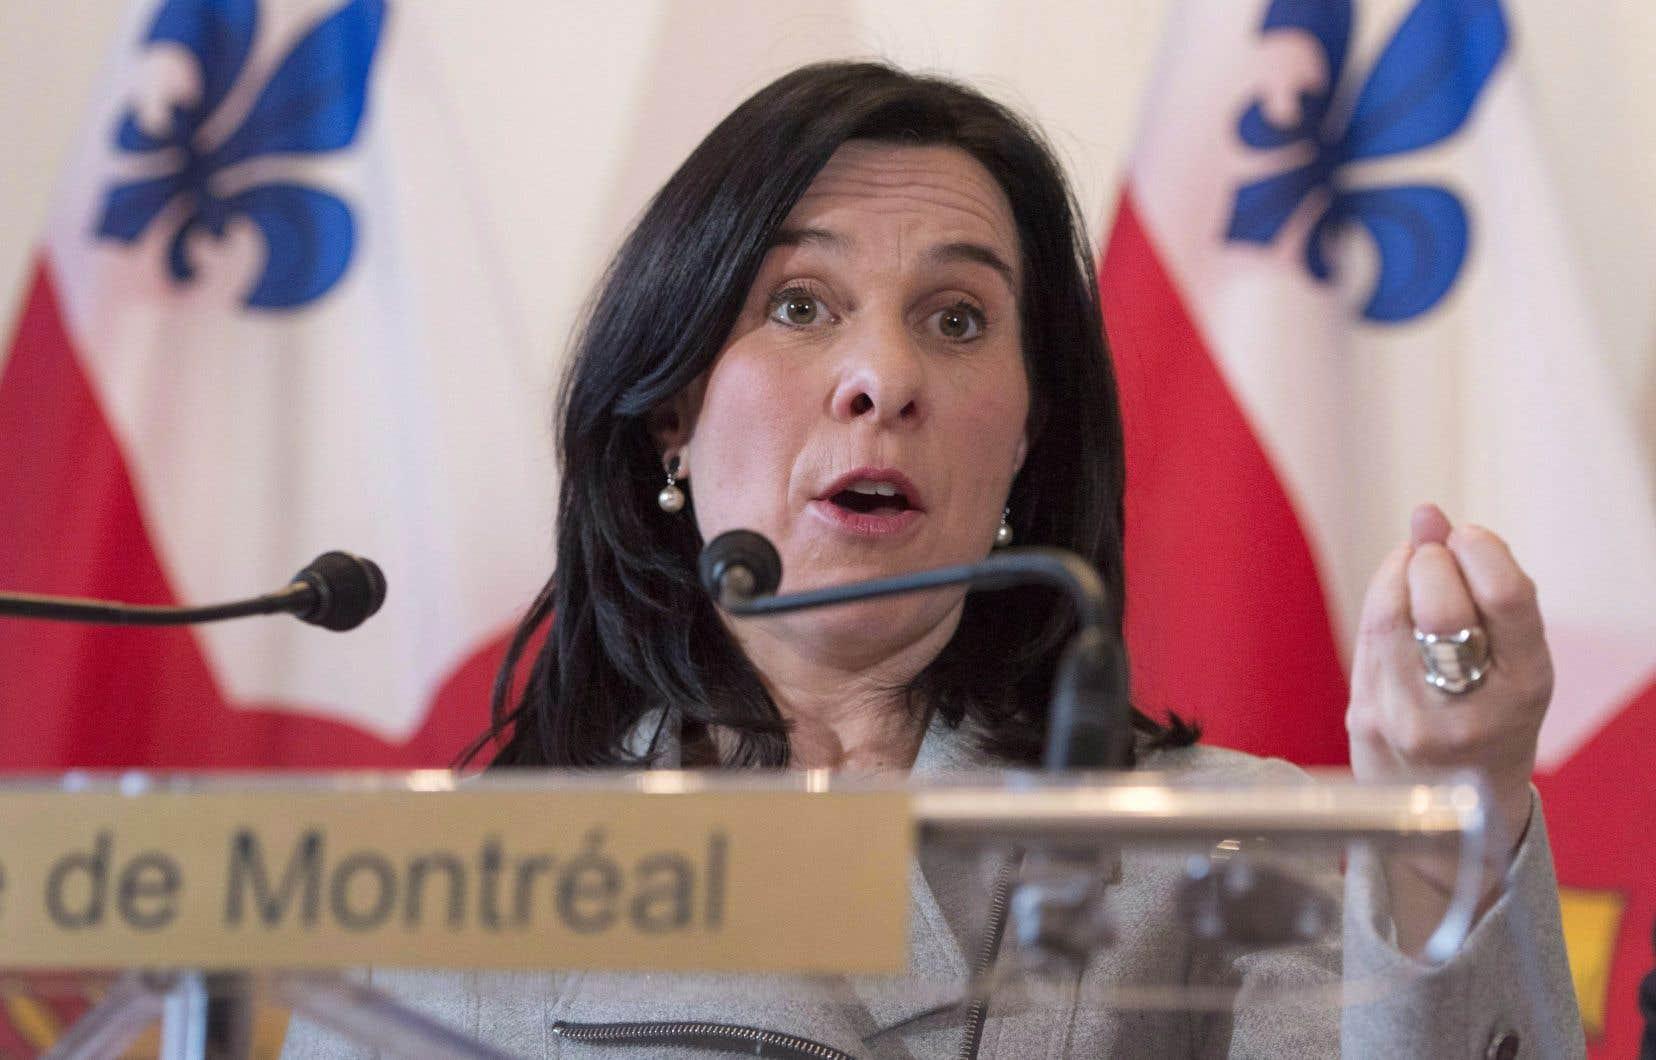 La mairesse de Montréal, Valérie Plante, est poursuivie personnellement par les promoteurs de la Formule E pour la somme de 24,8 millions de dollars.